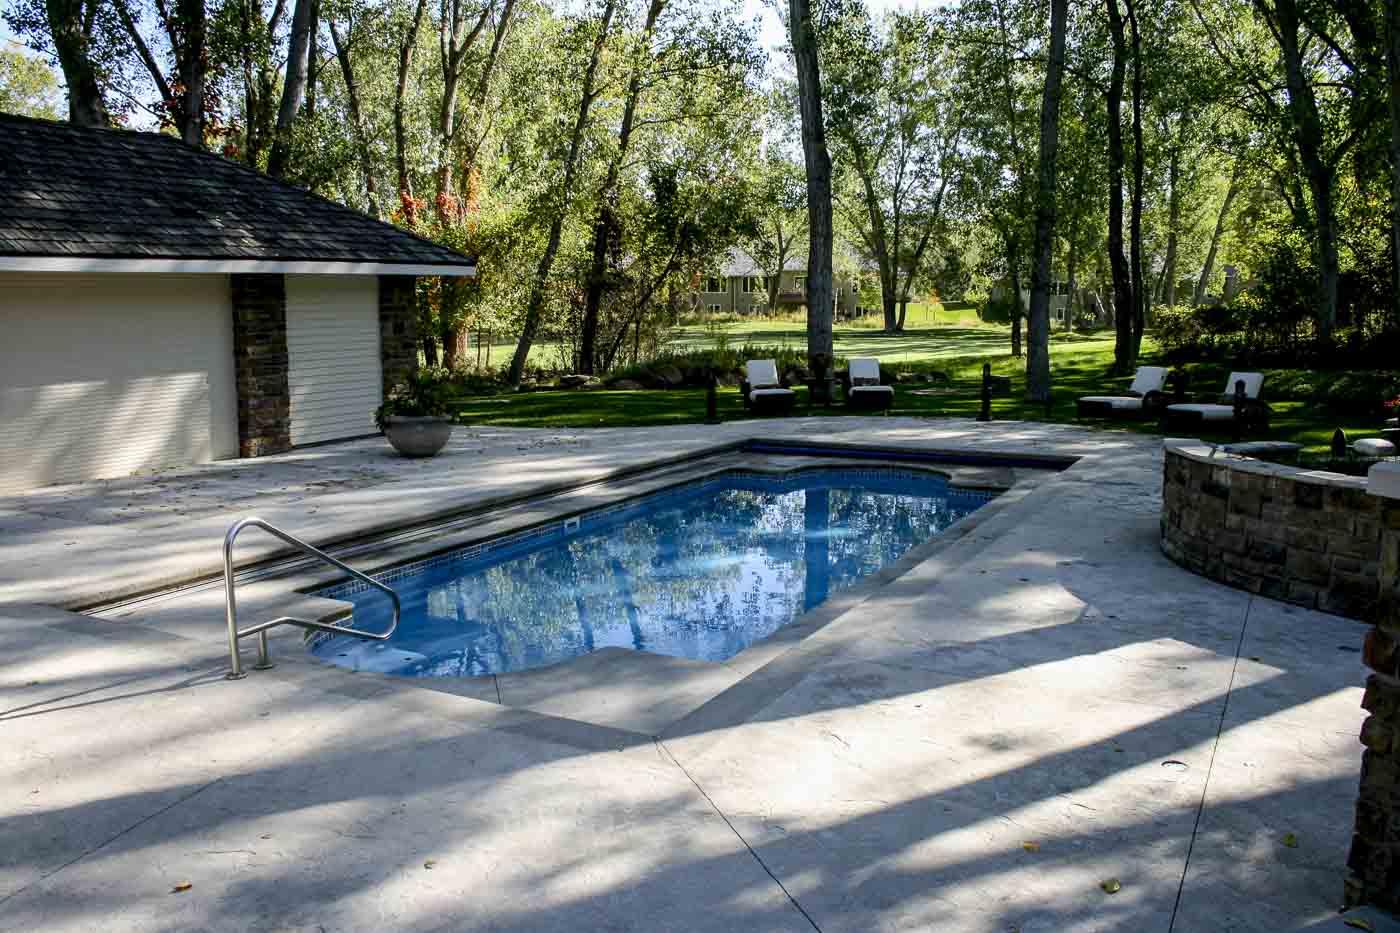 2009 Aquatech fiberglass pool